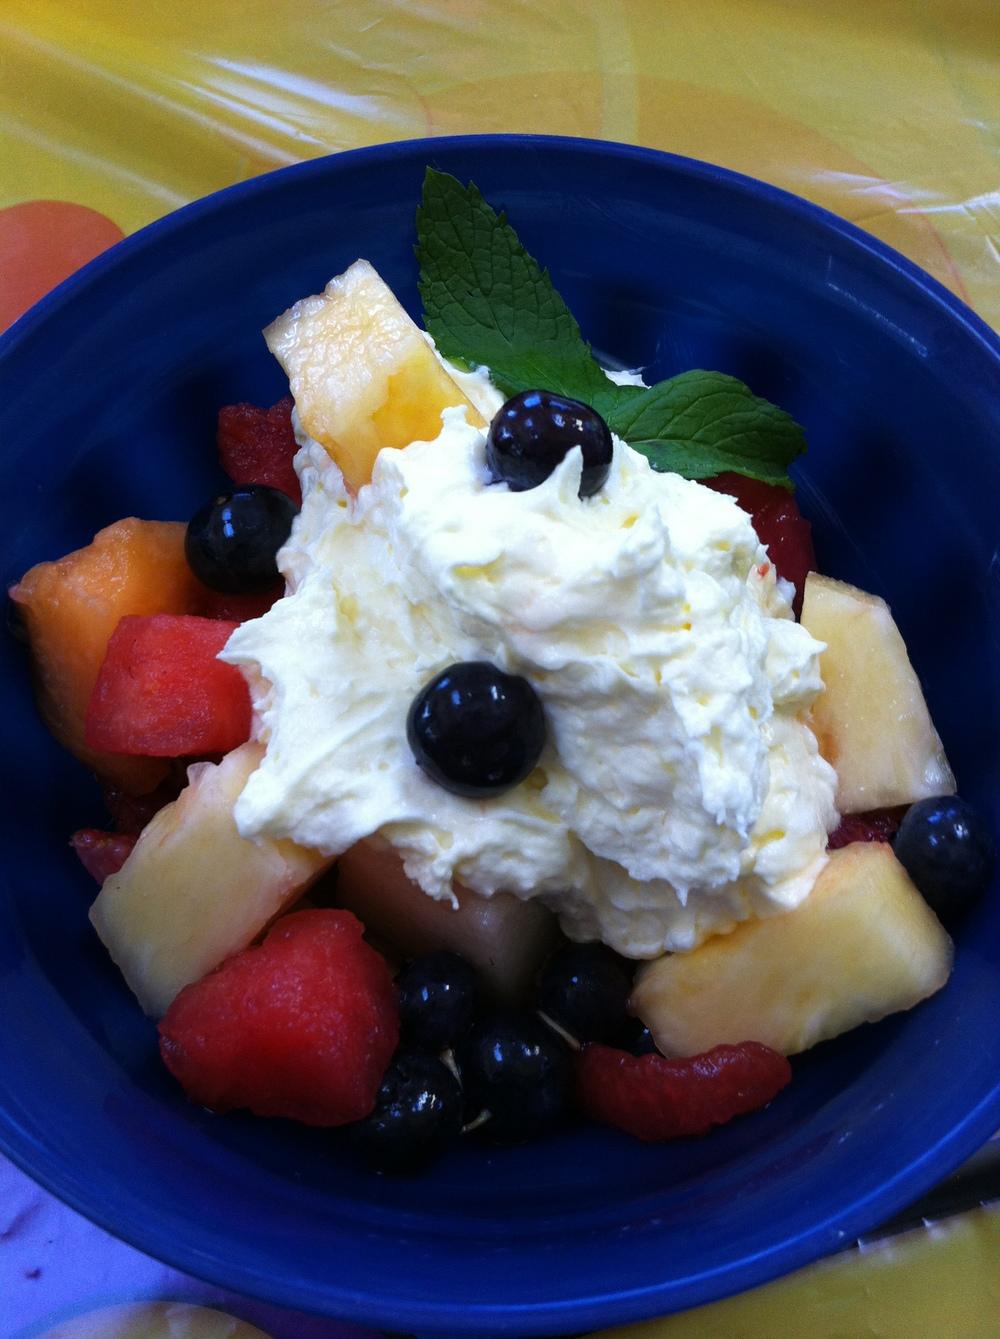 Mixed fruit with fruit dip